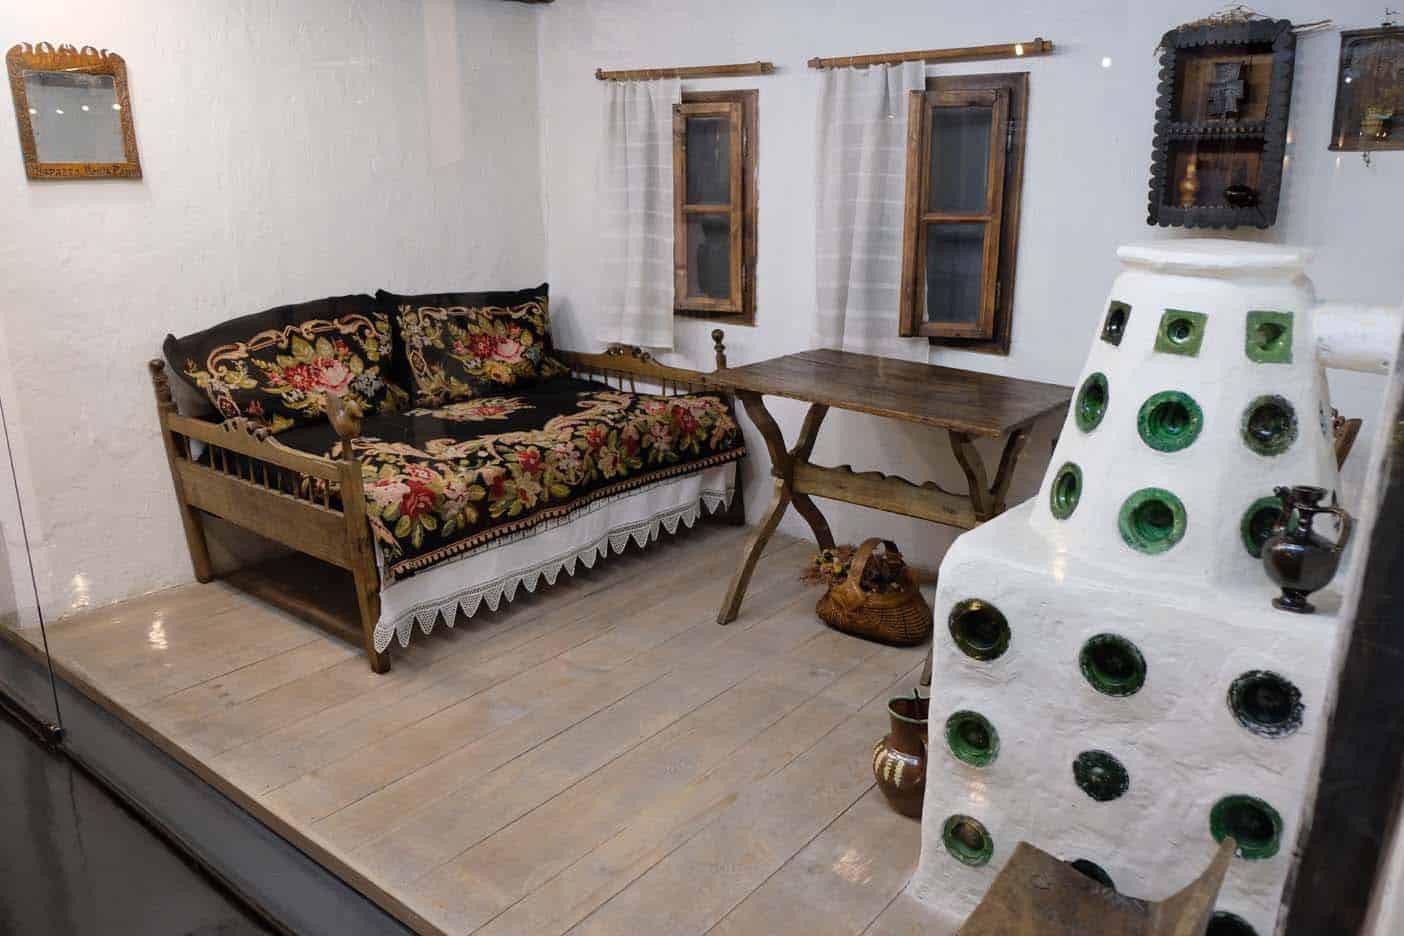 etnografisch museum in Belgrado